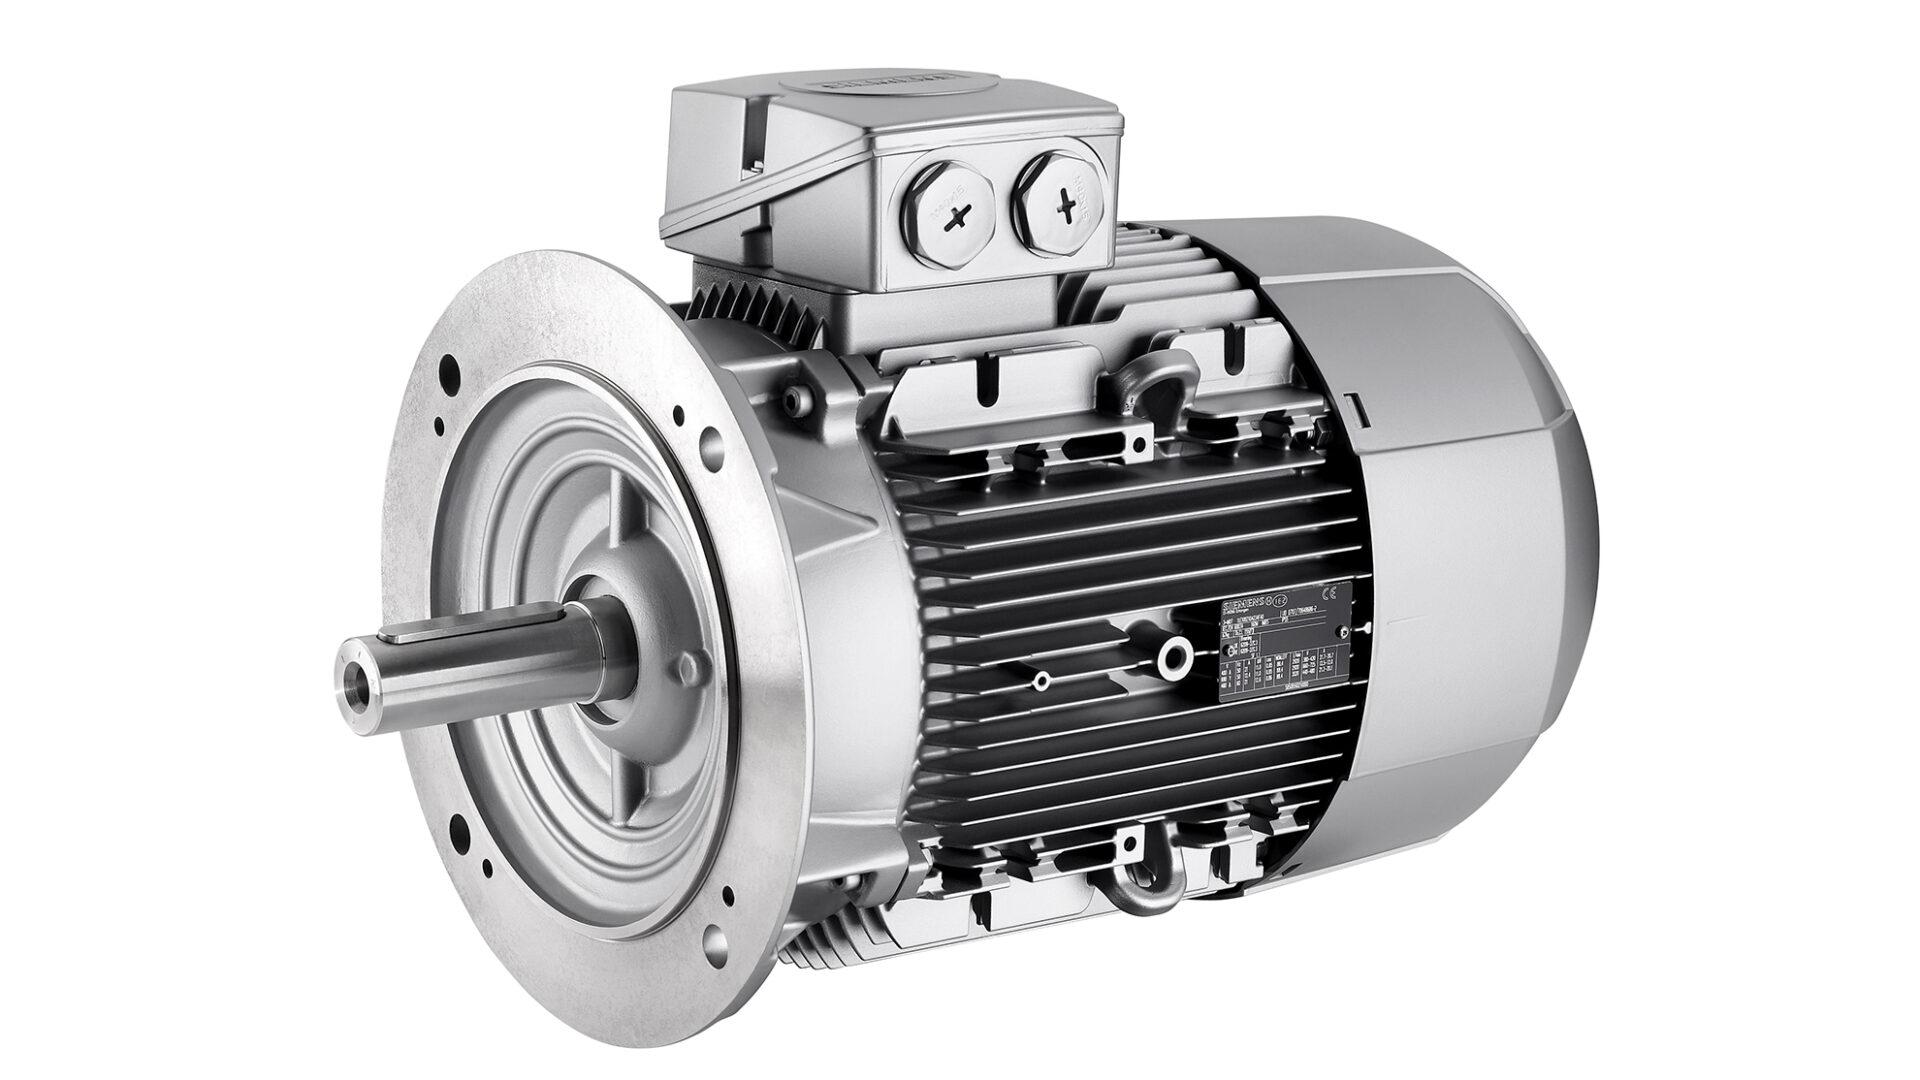 Elmotor från Siemens i B5 utförande